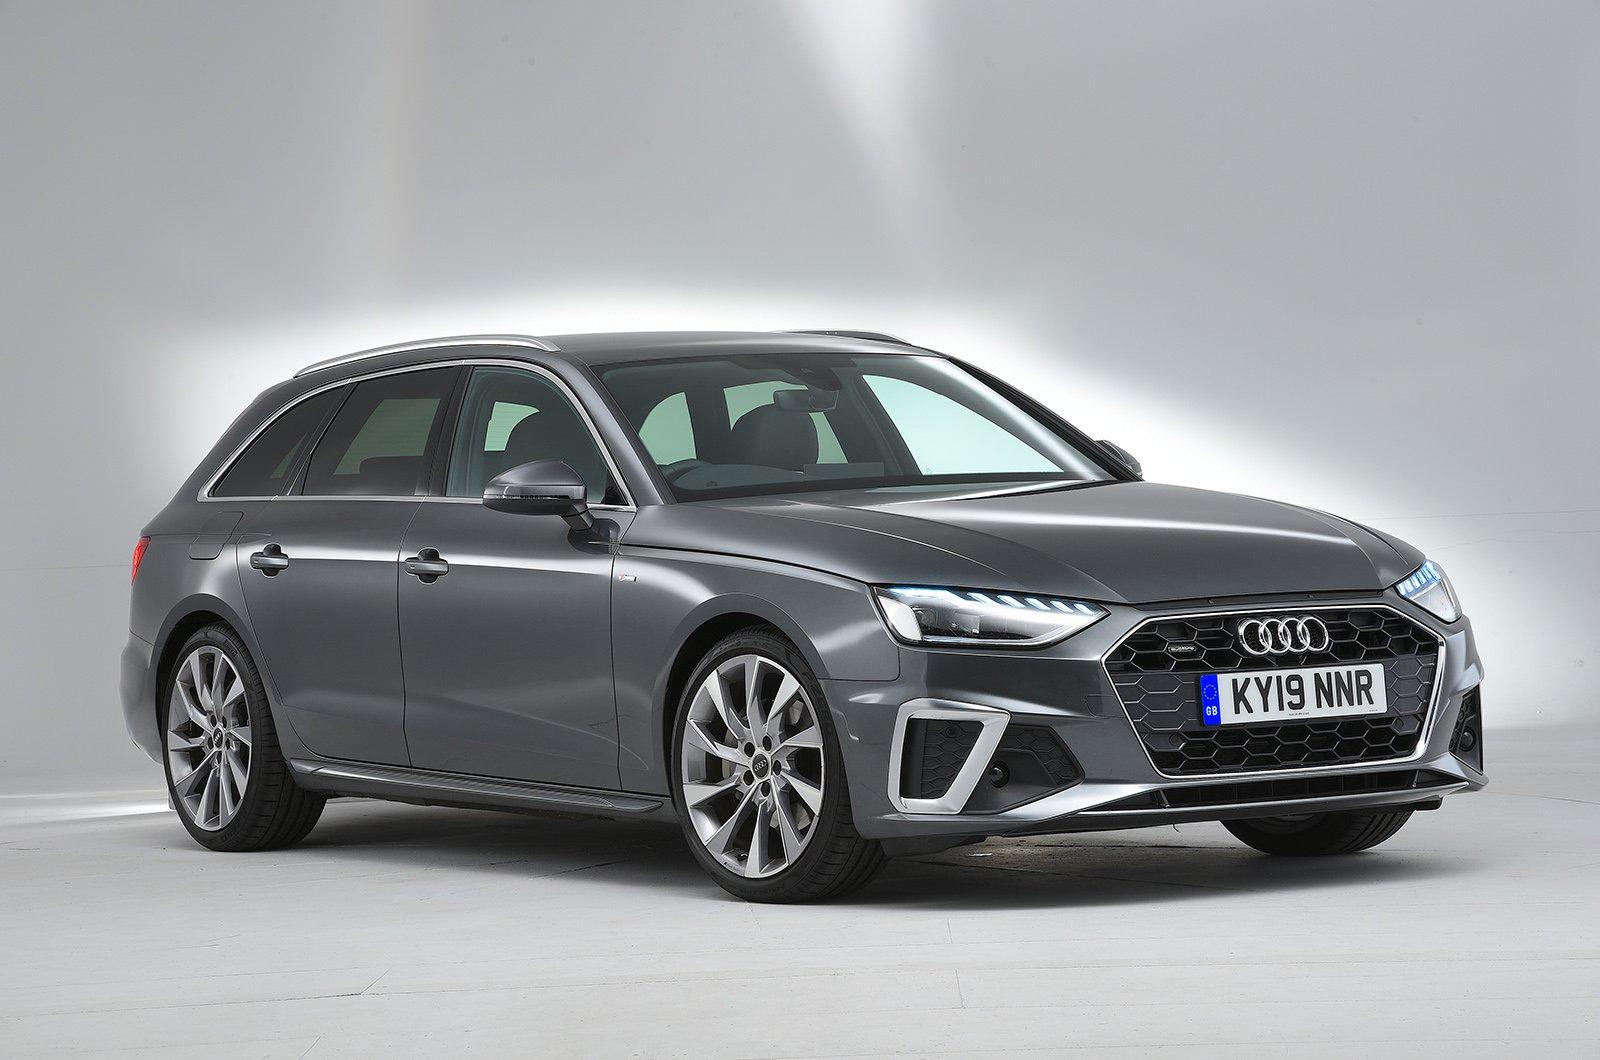 Audi A4 Avant studio